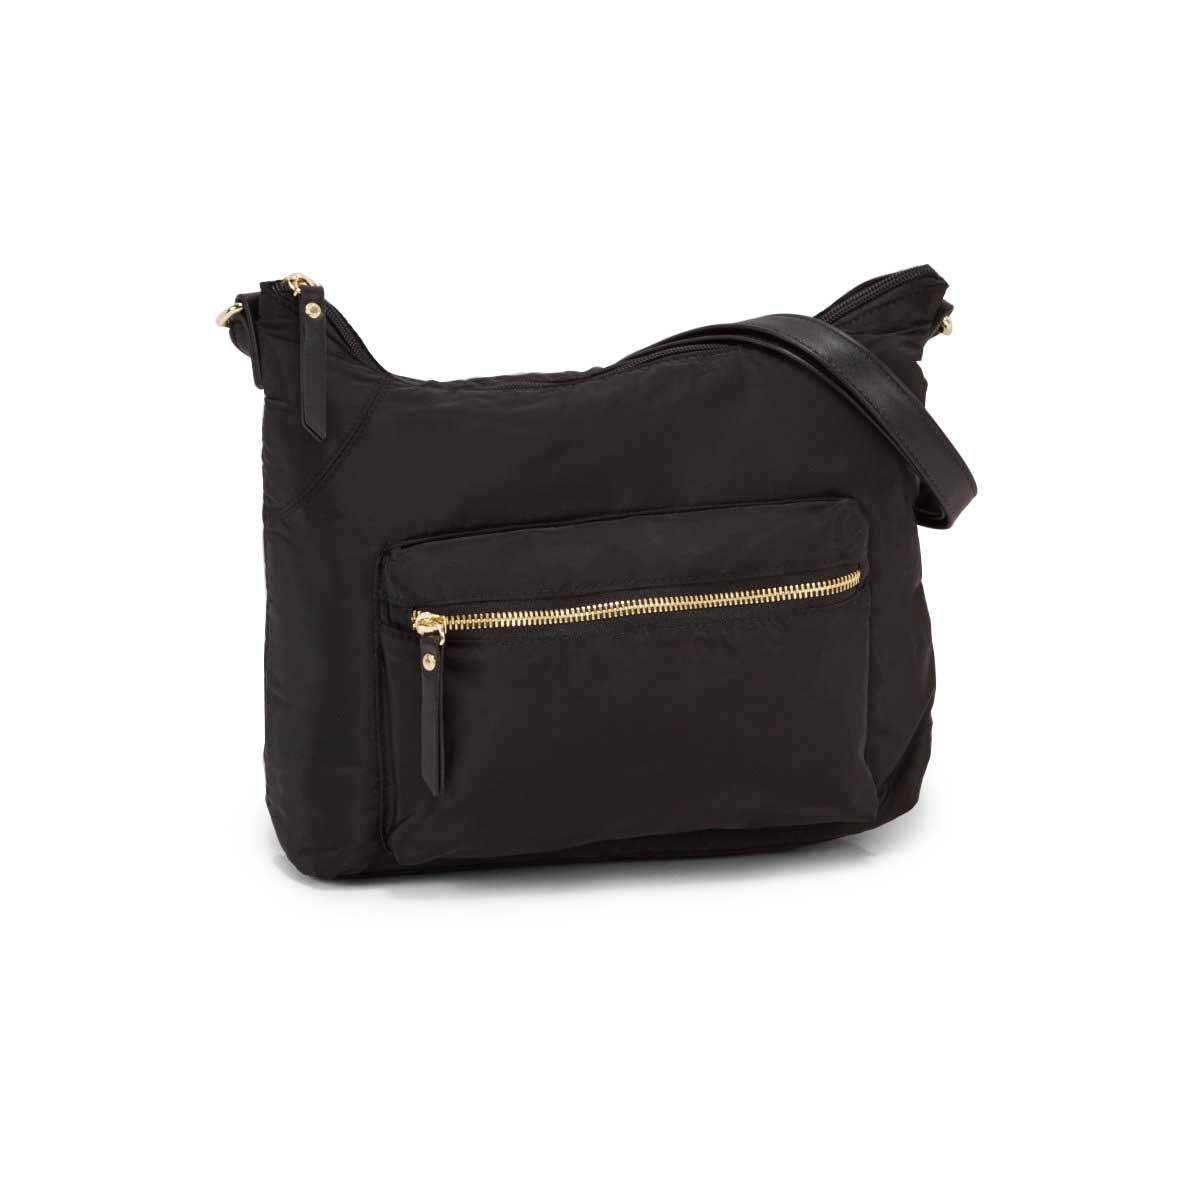 Lds Roots73 black top zip hobo bag